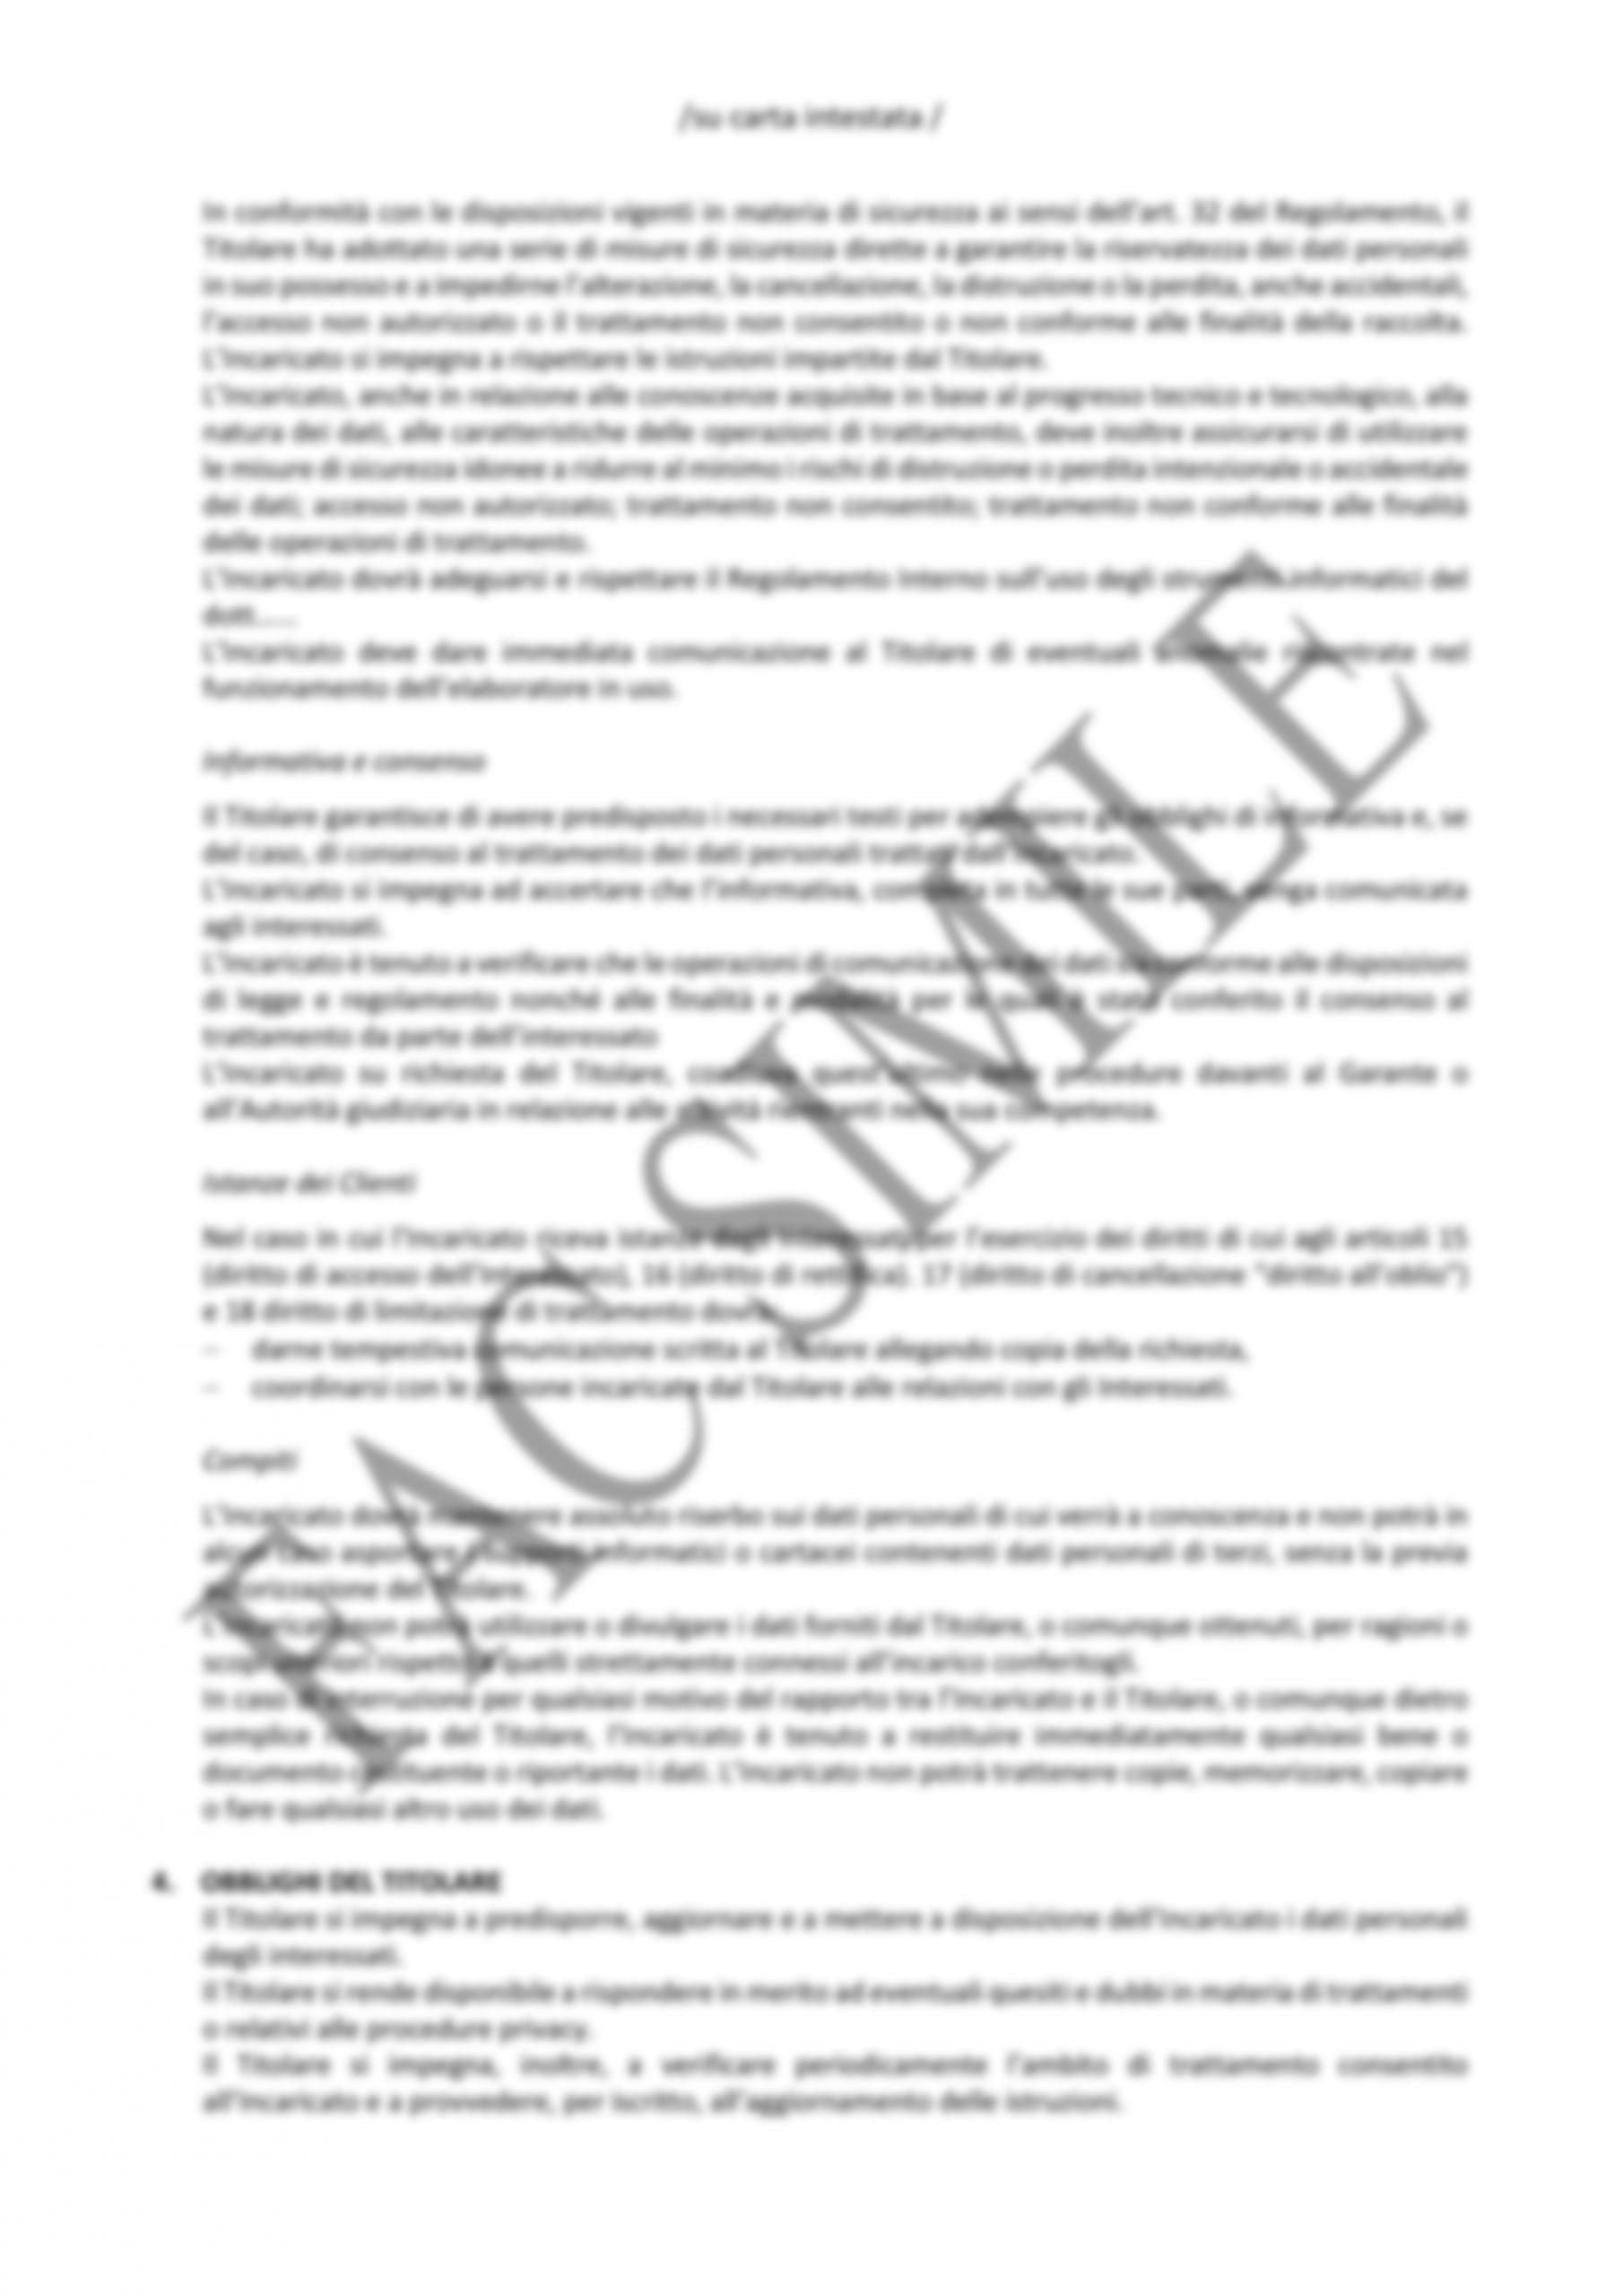 Microsoft Word - FACSIMILE ATTO NOMINA INCARICATO sy.docx